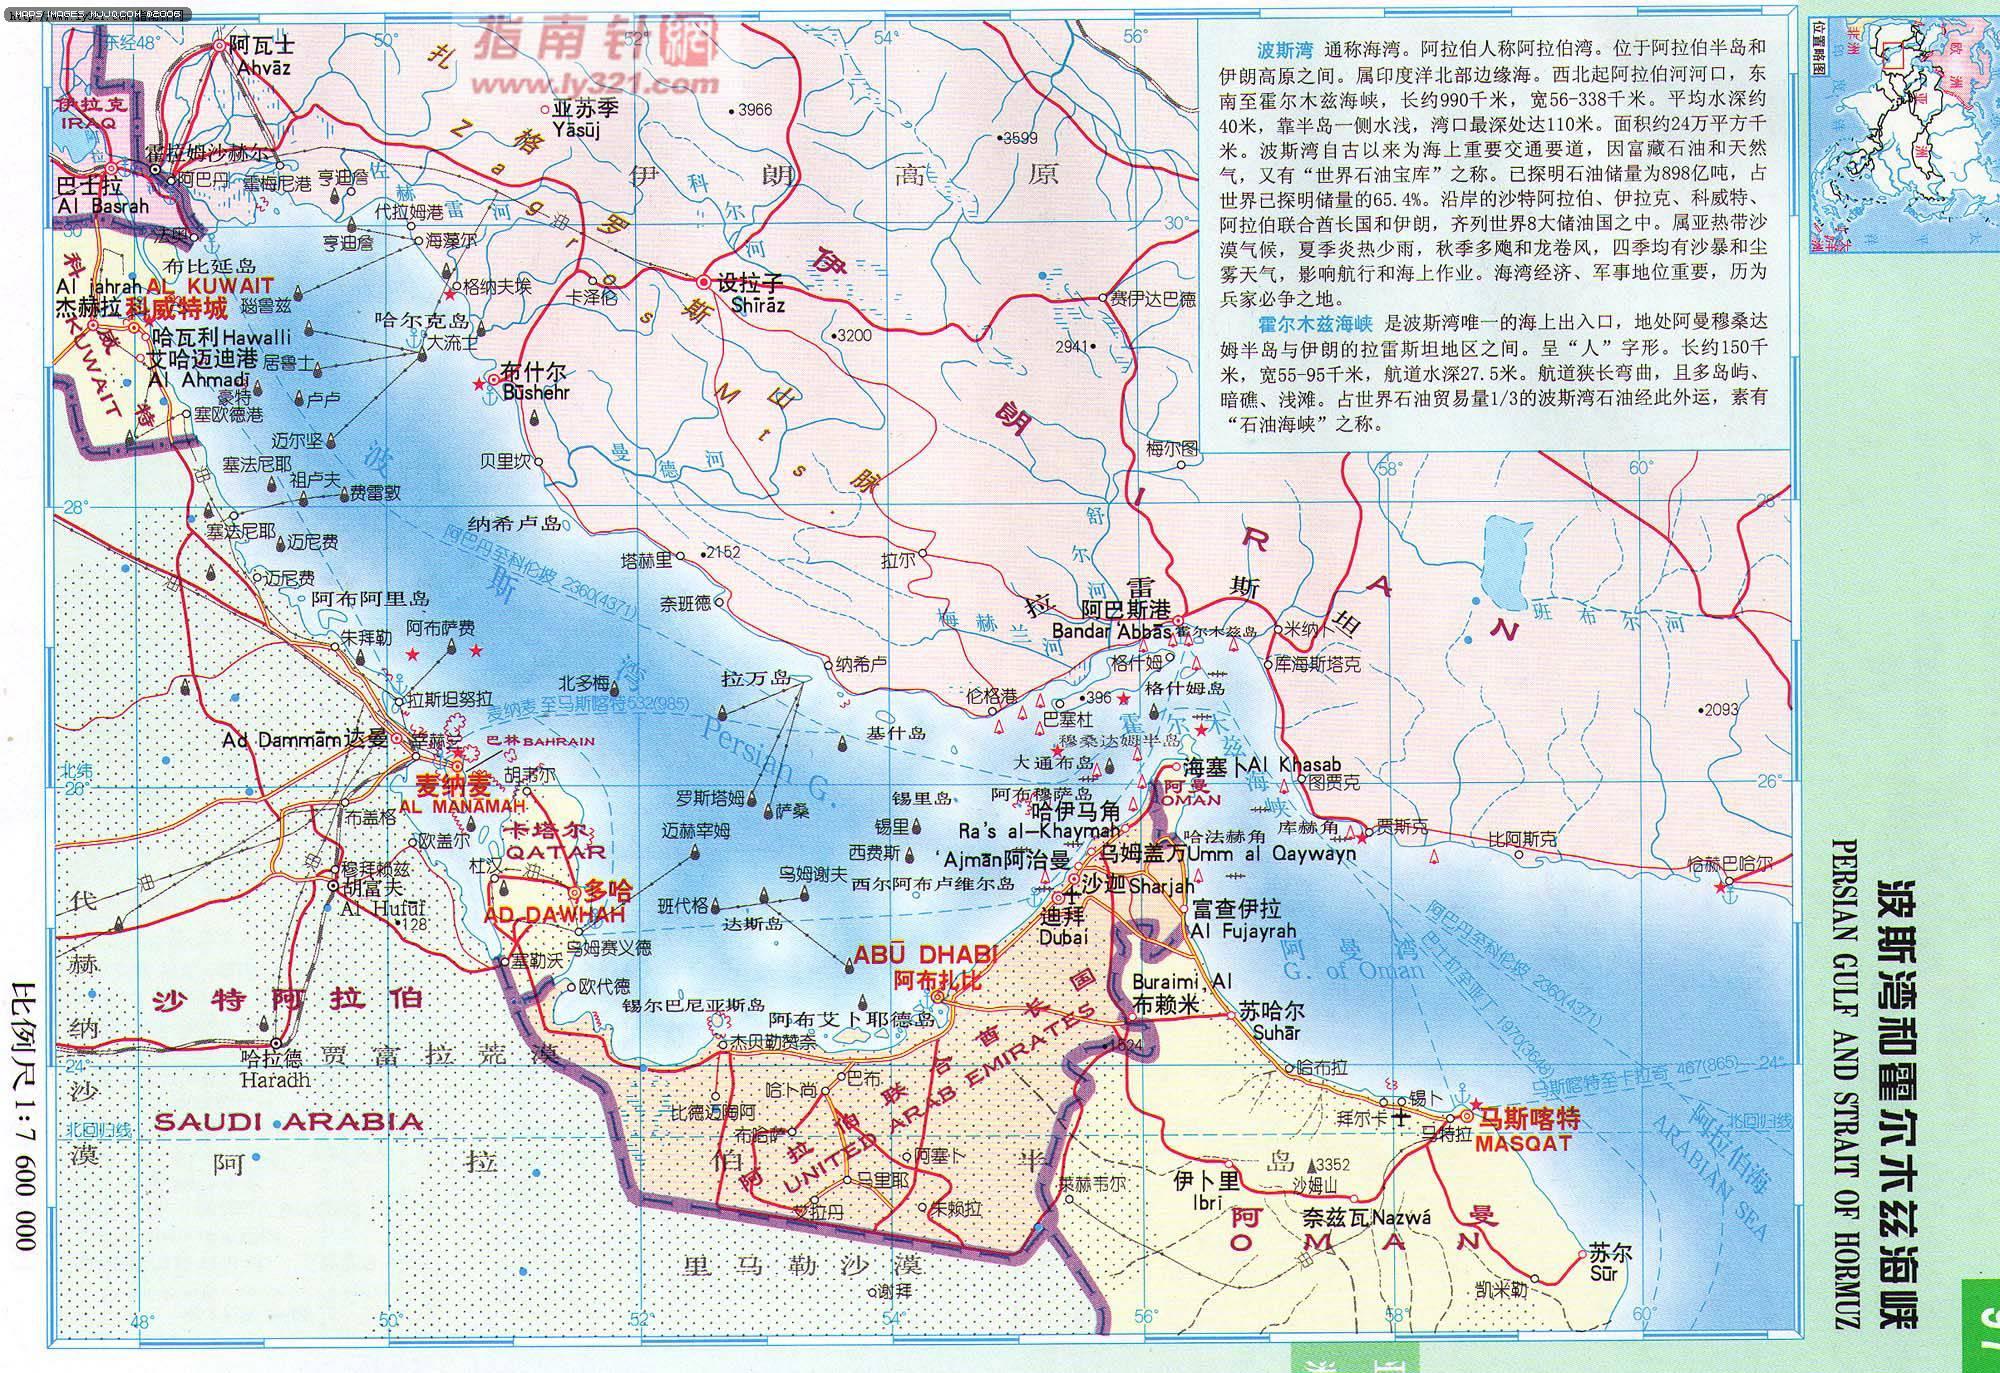 世界地图 map 点击查看图片